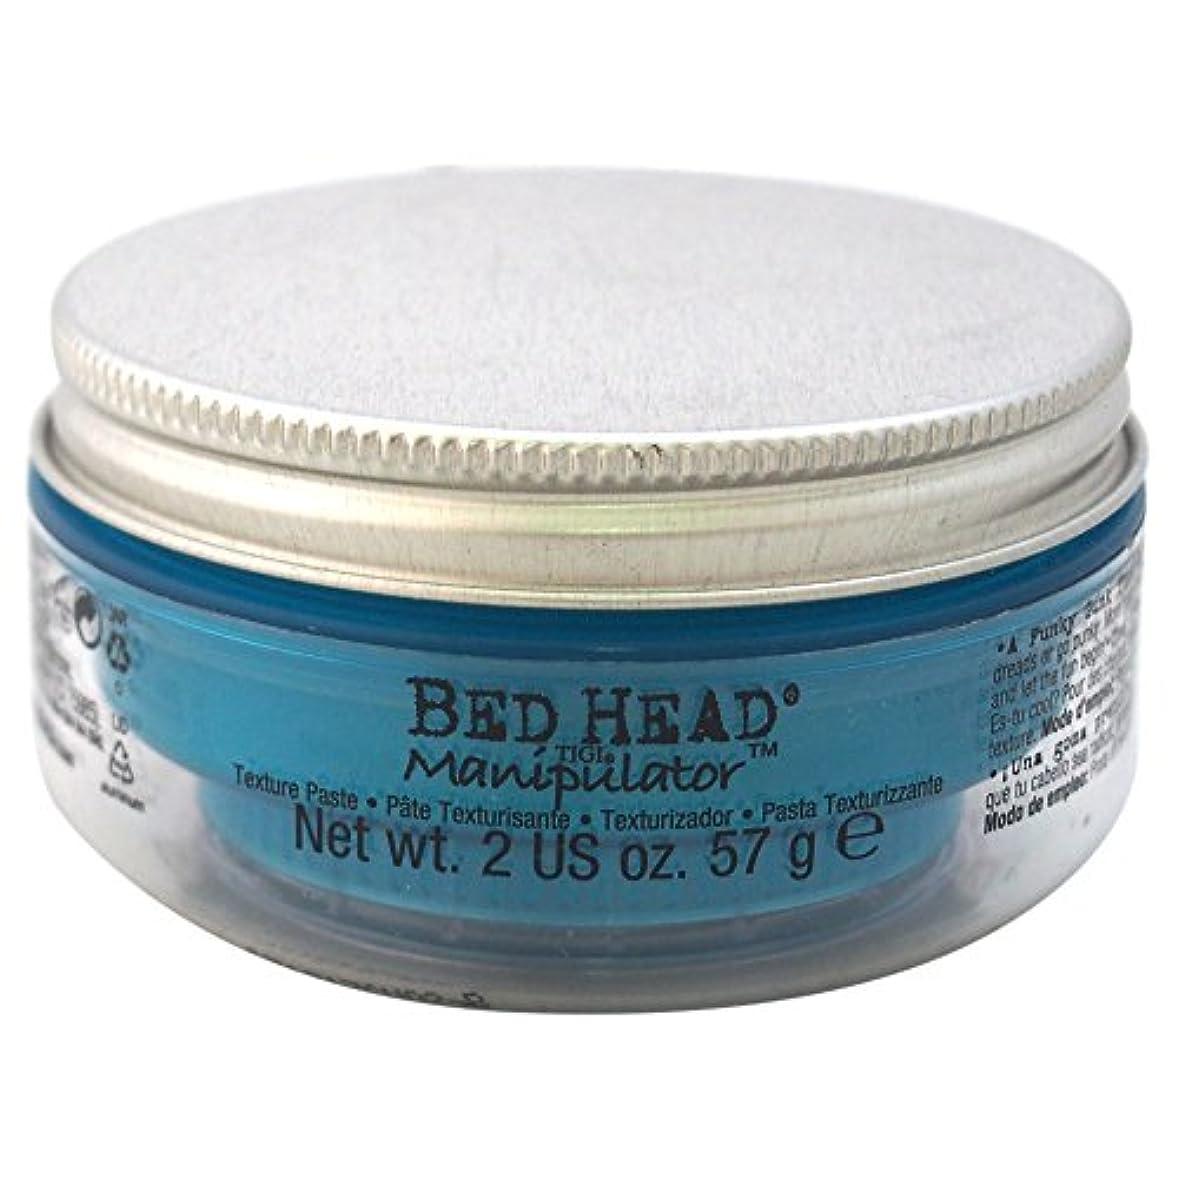 バラ色サーフィンバラバラにするティジー ベッドヘッドマニピュレーター テキシチヤ ペースト Tigi Bed Head Manipulator Texture Paste 57 ml [並行輸入品]